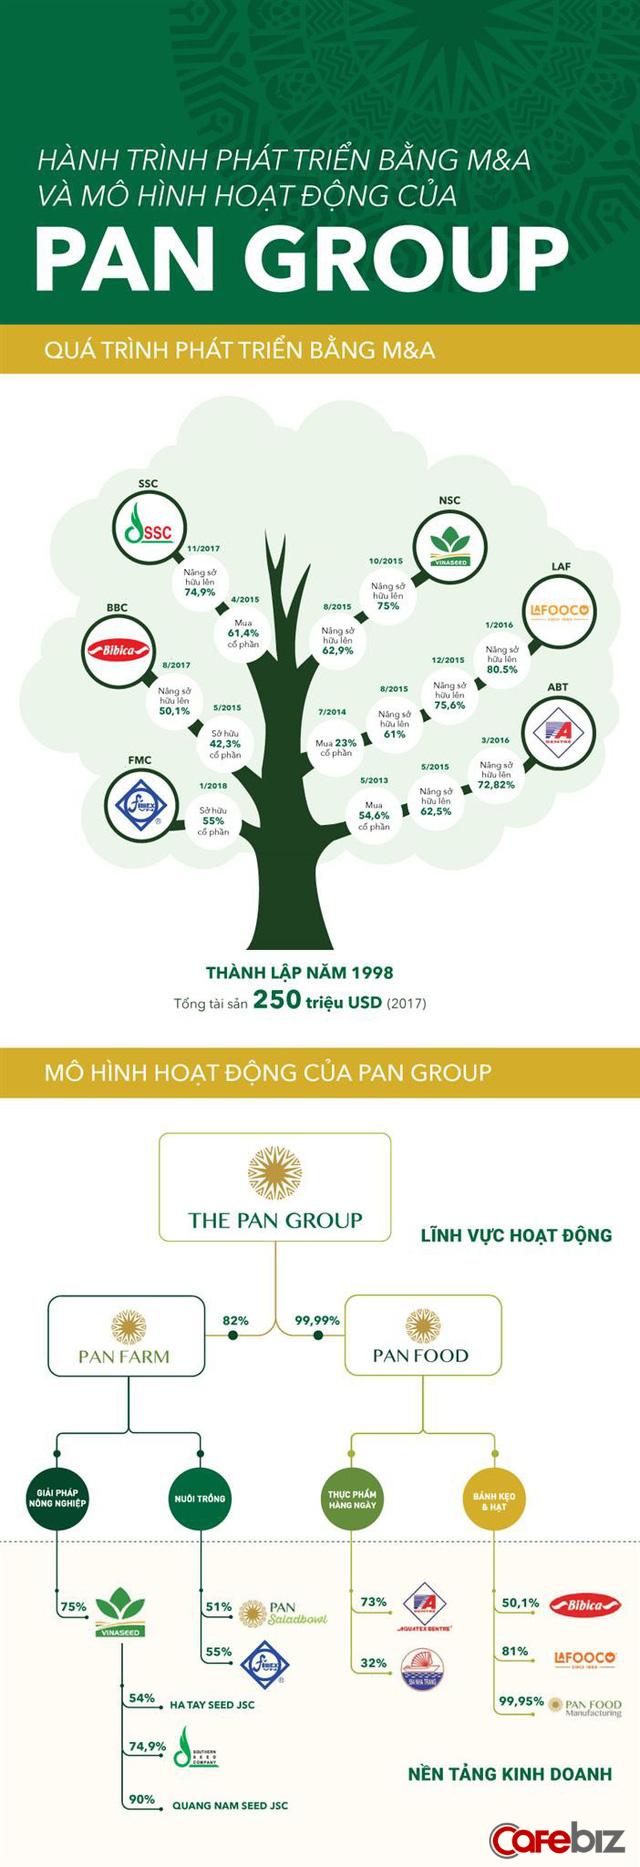 PAN Group - doanh nghiệp vừa sở hữu hơn 54% Thực phẩm Sao Ta đang nắm trong tay những gì? - Ảnh 1.